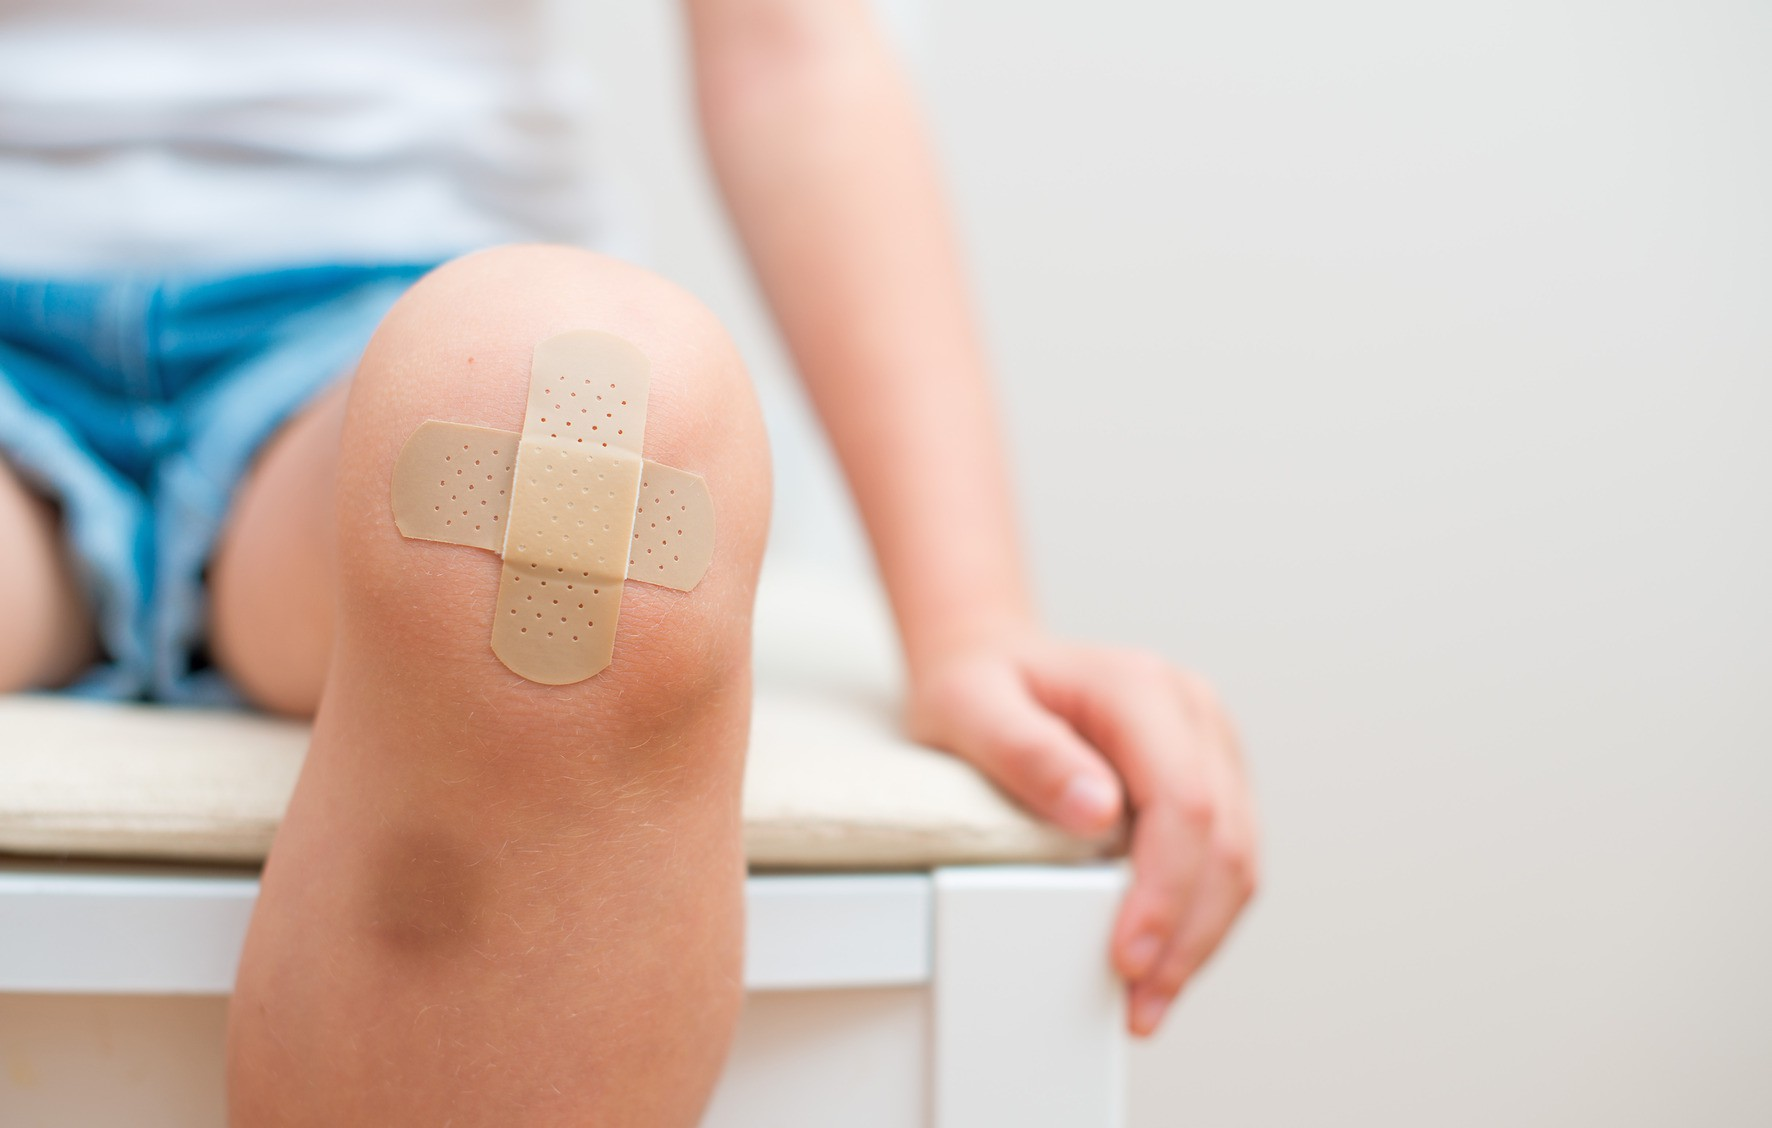 6 dấu hiệu cảnh báo bệnh ung thư máu mà bạn không nên bỏ qua - Ảnh 6.